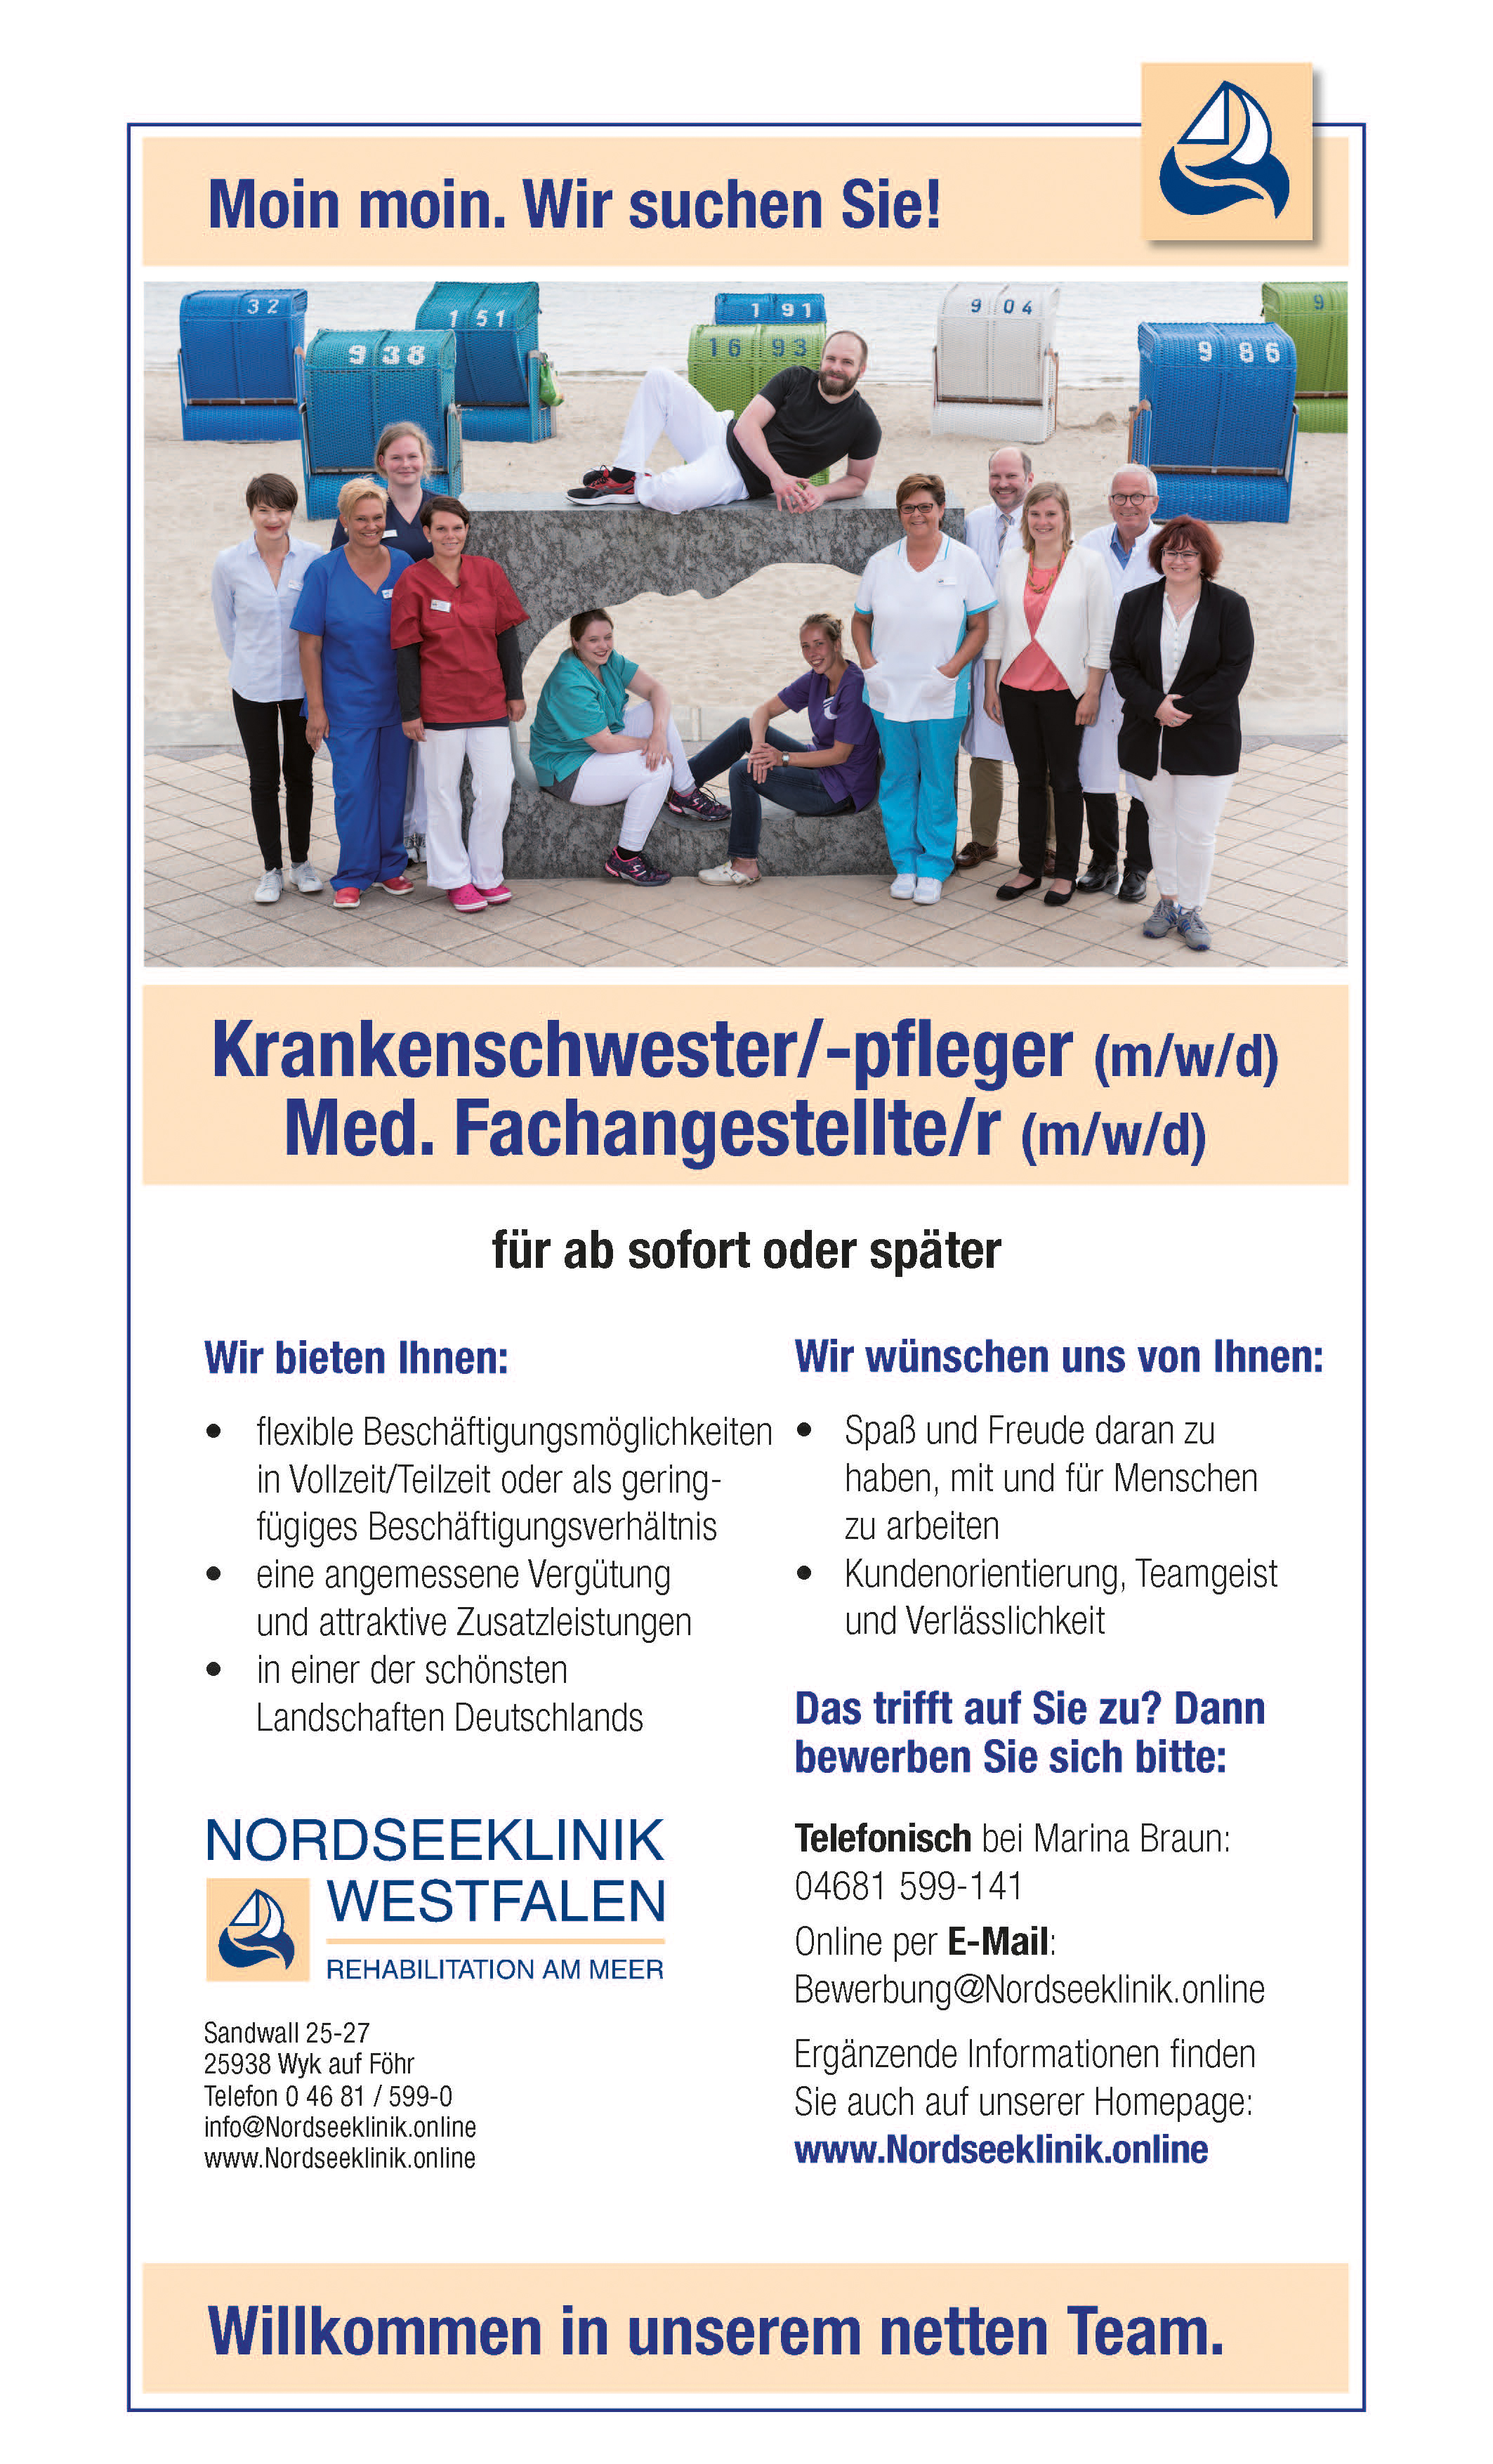 Stellenanzeige Krankenpflege mit Perspektive Nordseeklinik Westfalen